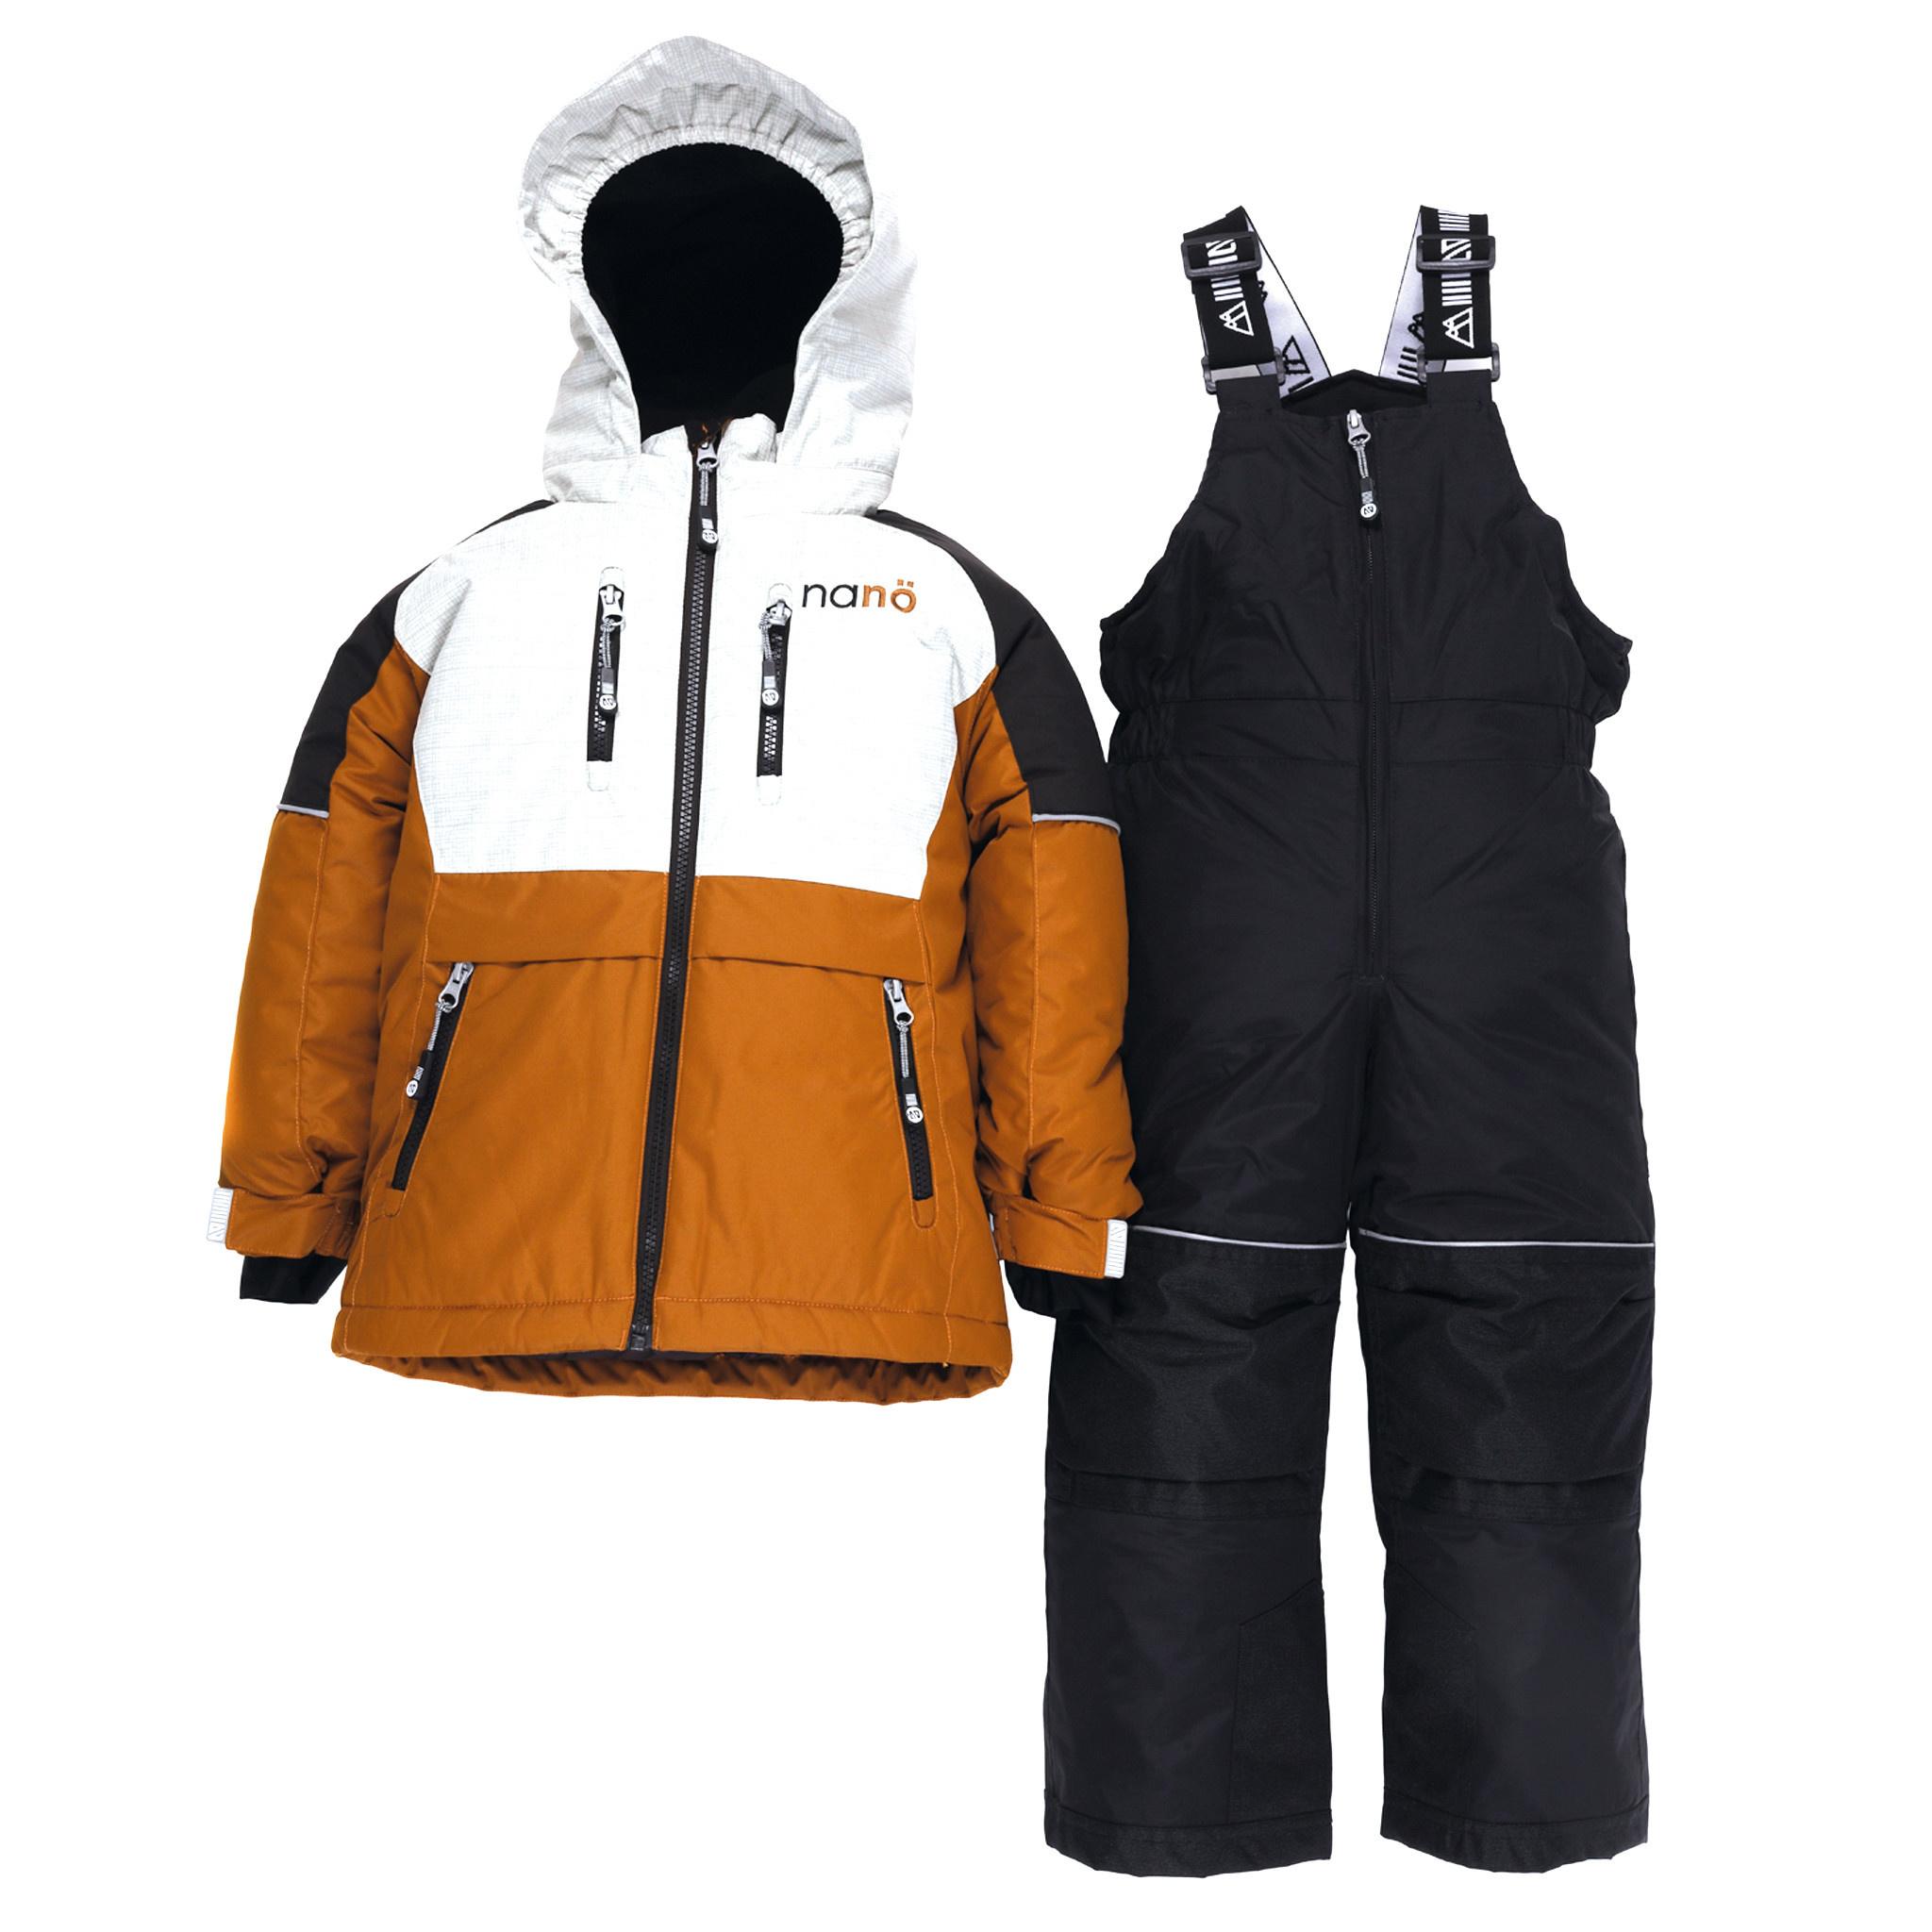 Habit de neige - Mont Sandford-2